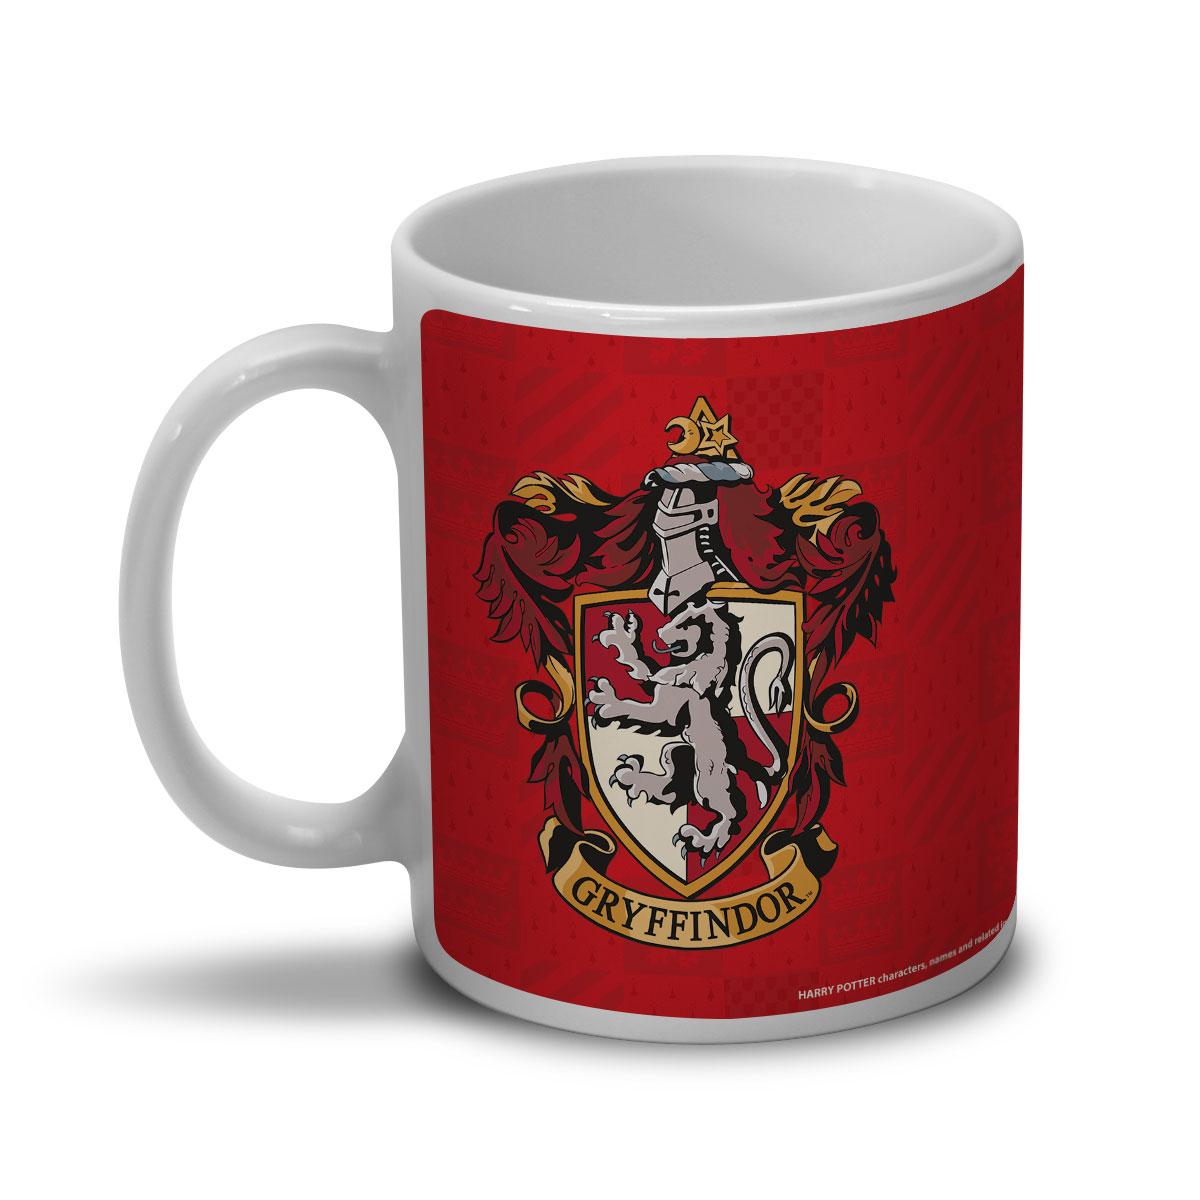 Caneca Harry Potter Gryffindor